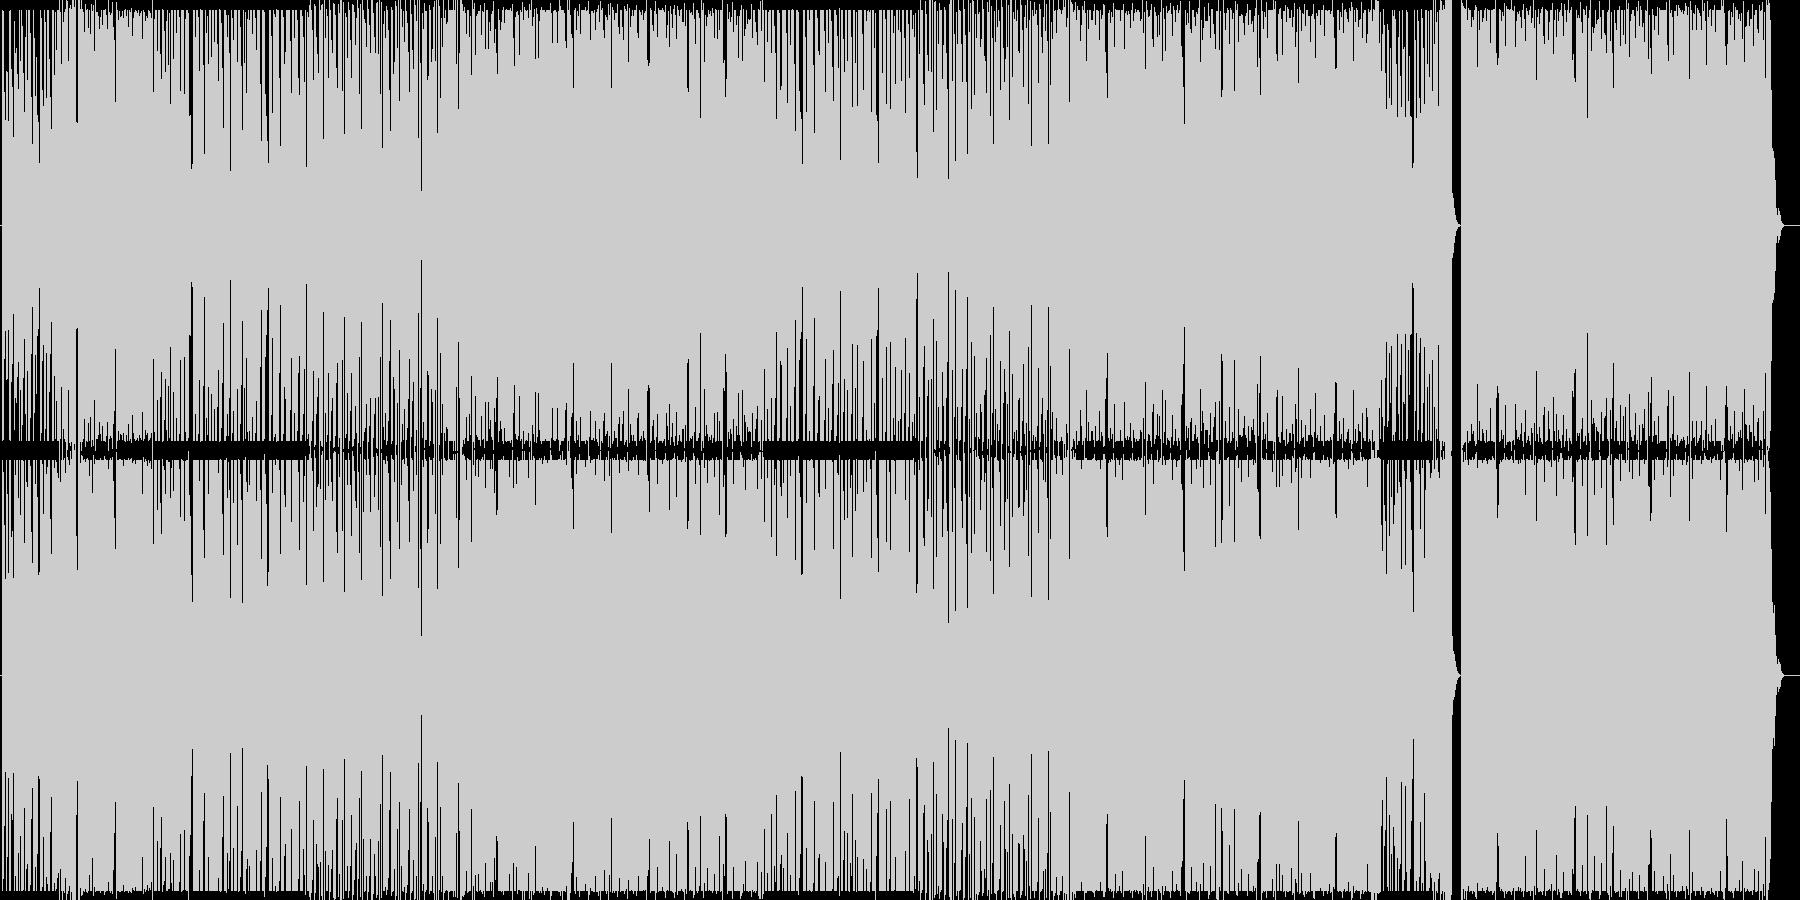 ヒップホップ/ブラス/ストリングス/#1の未再生の波形